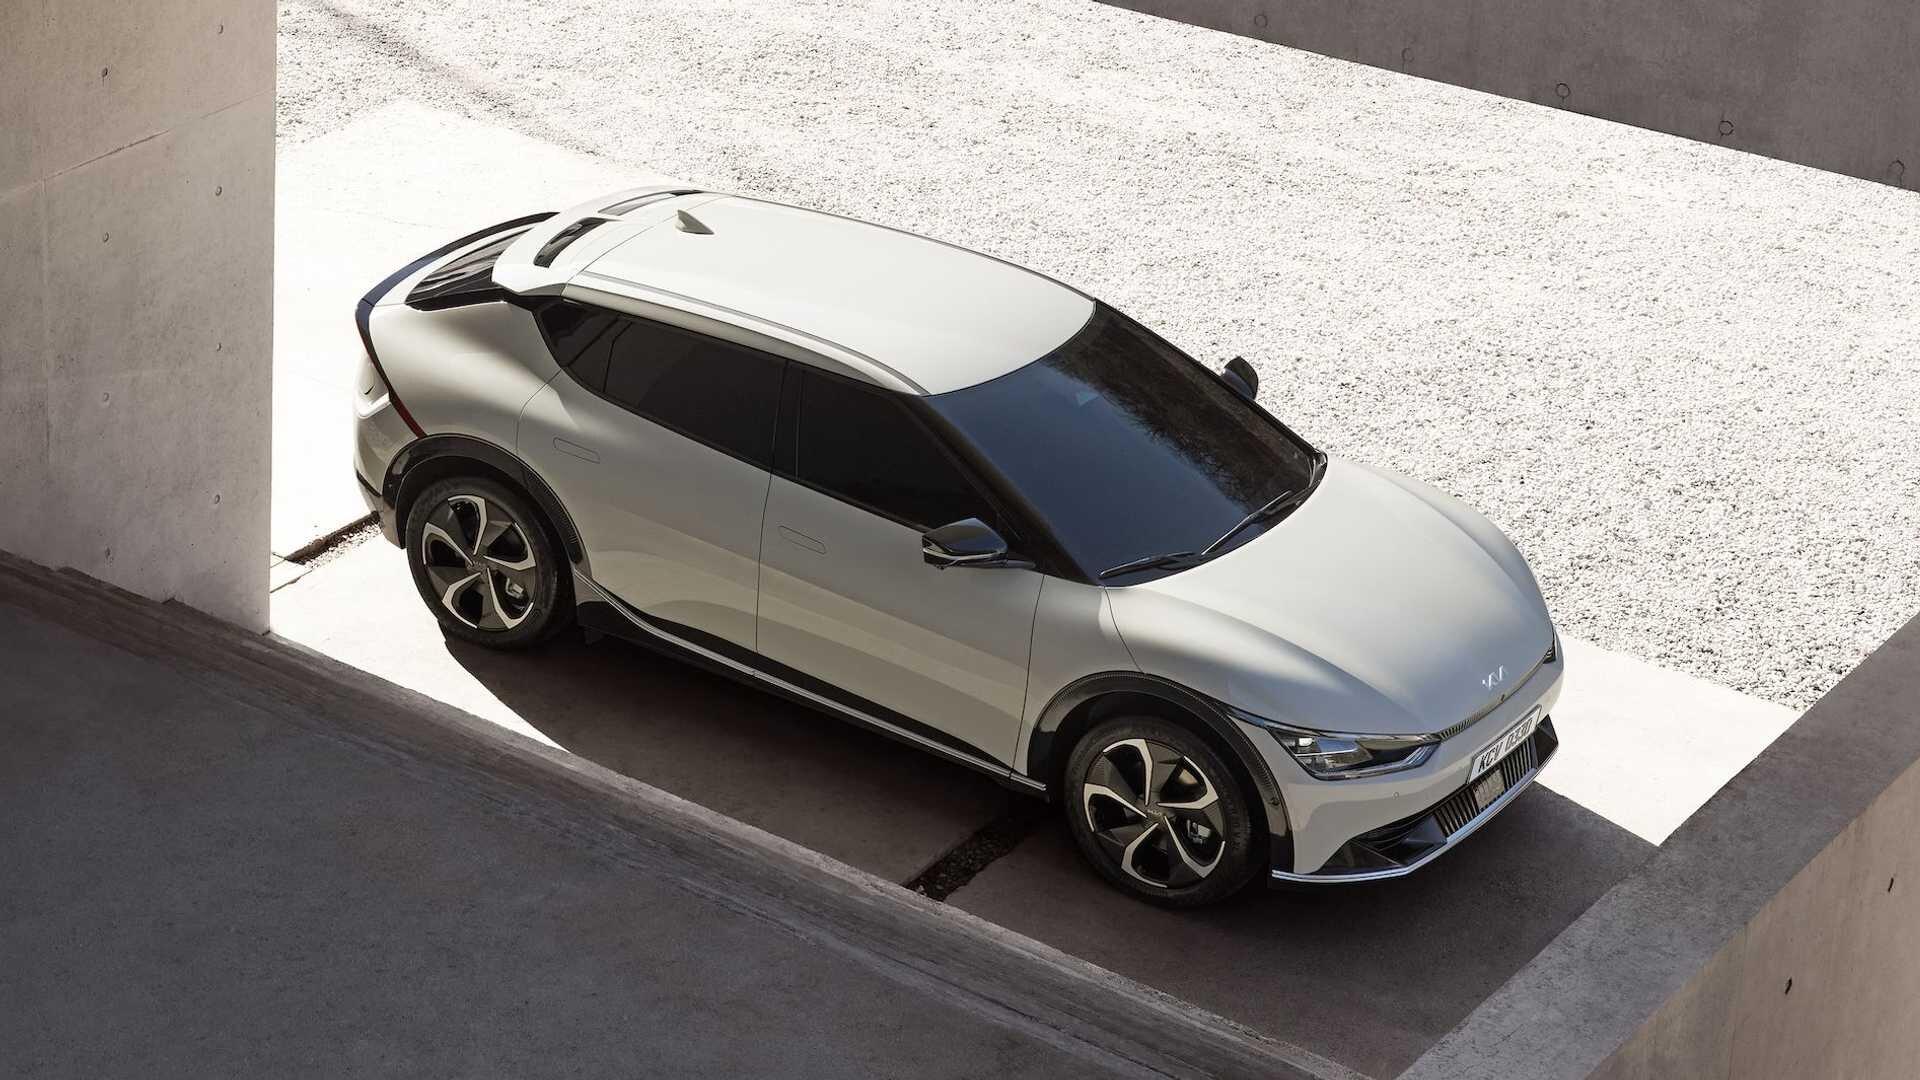 Полностью электрический кроссовер Kia EV6 будет представлен 30 марта